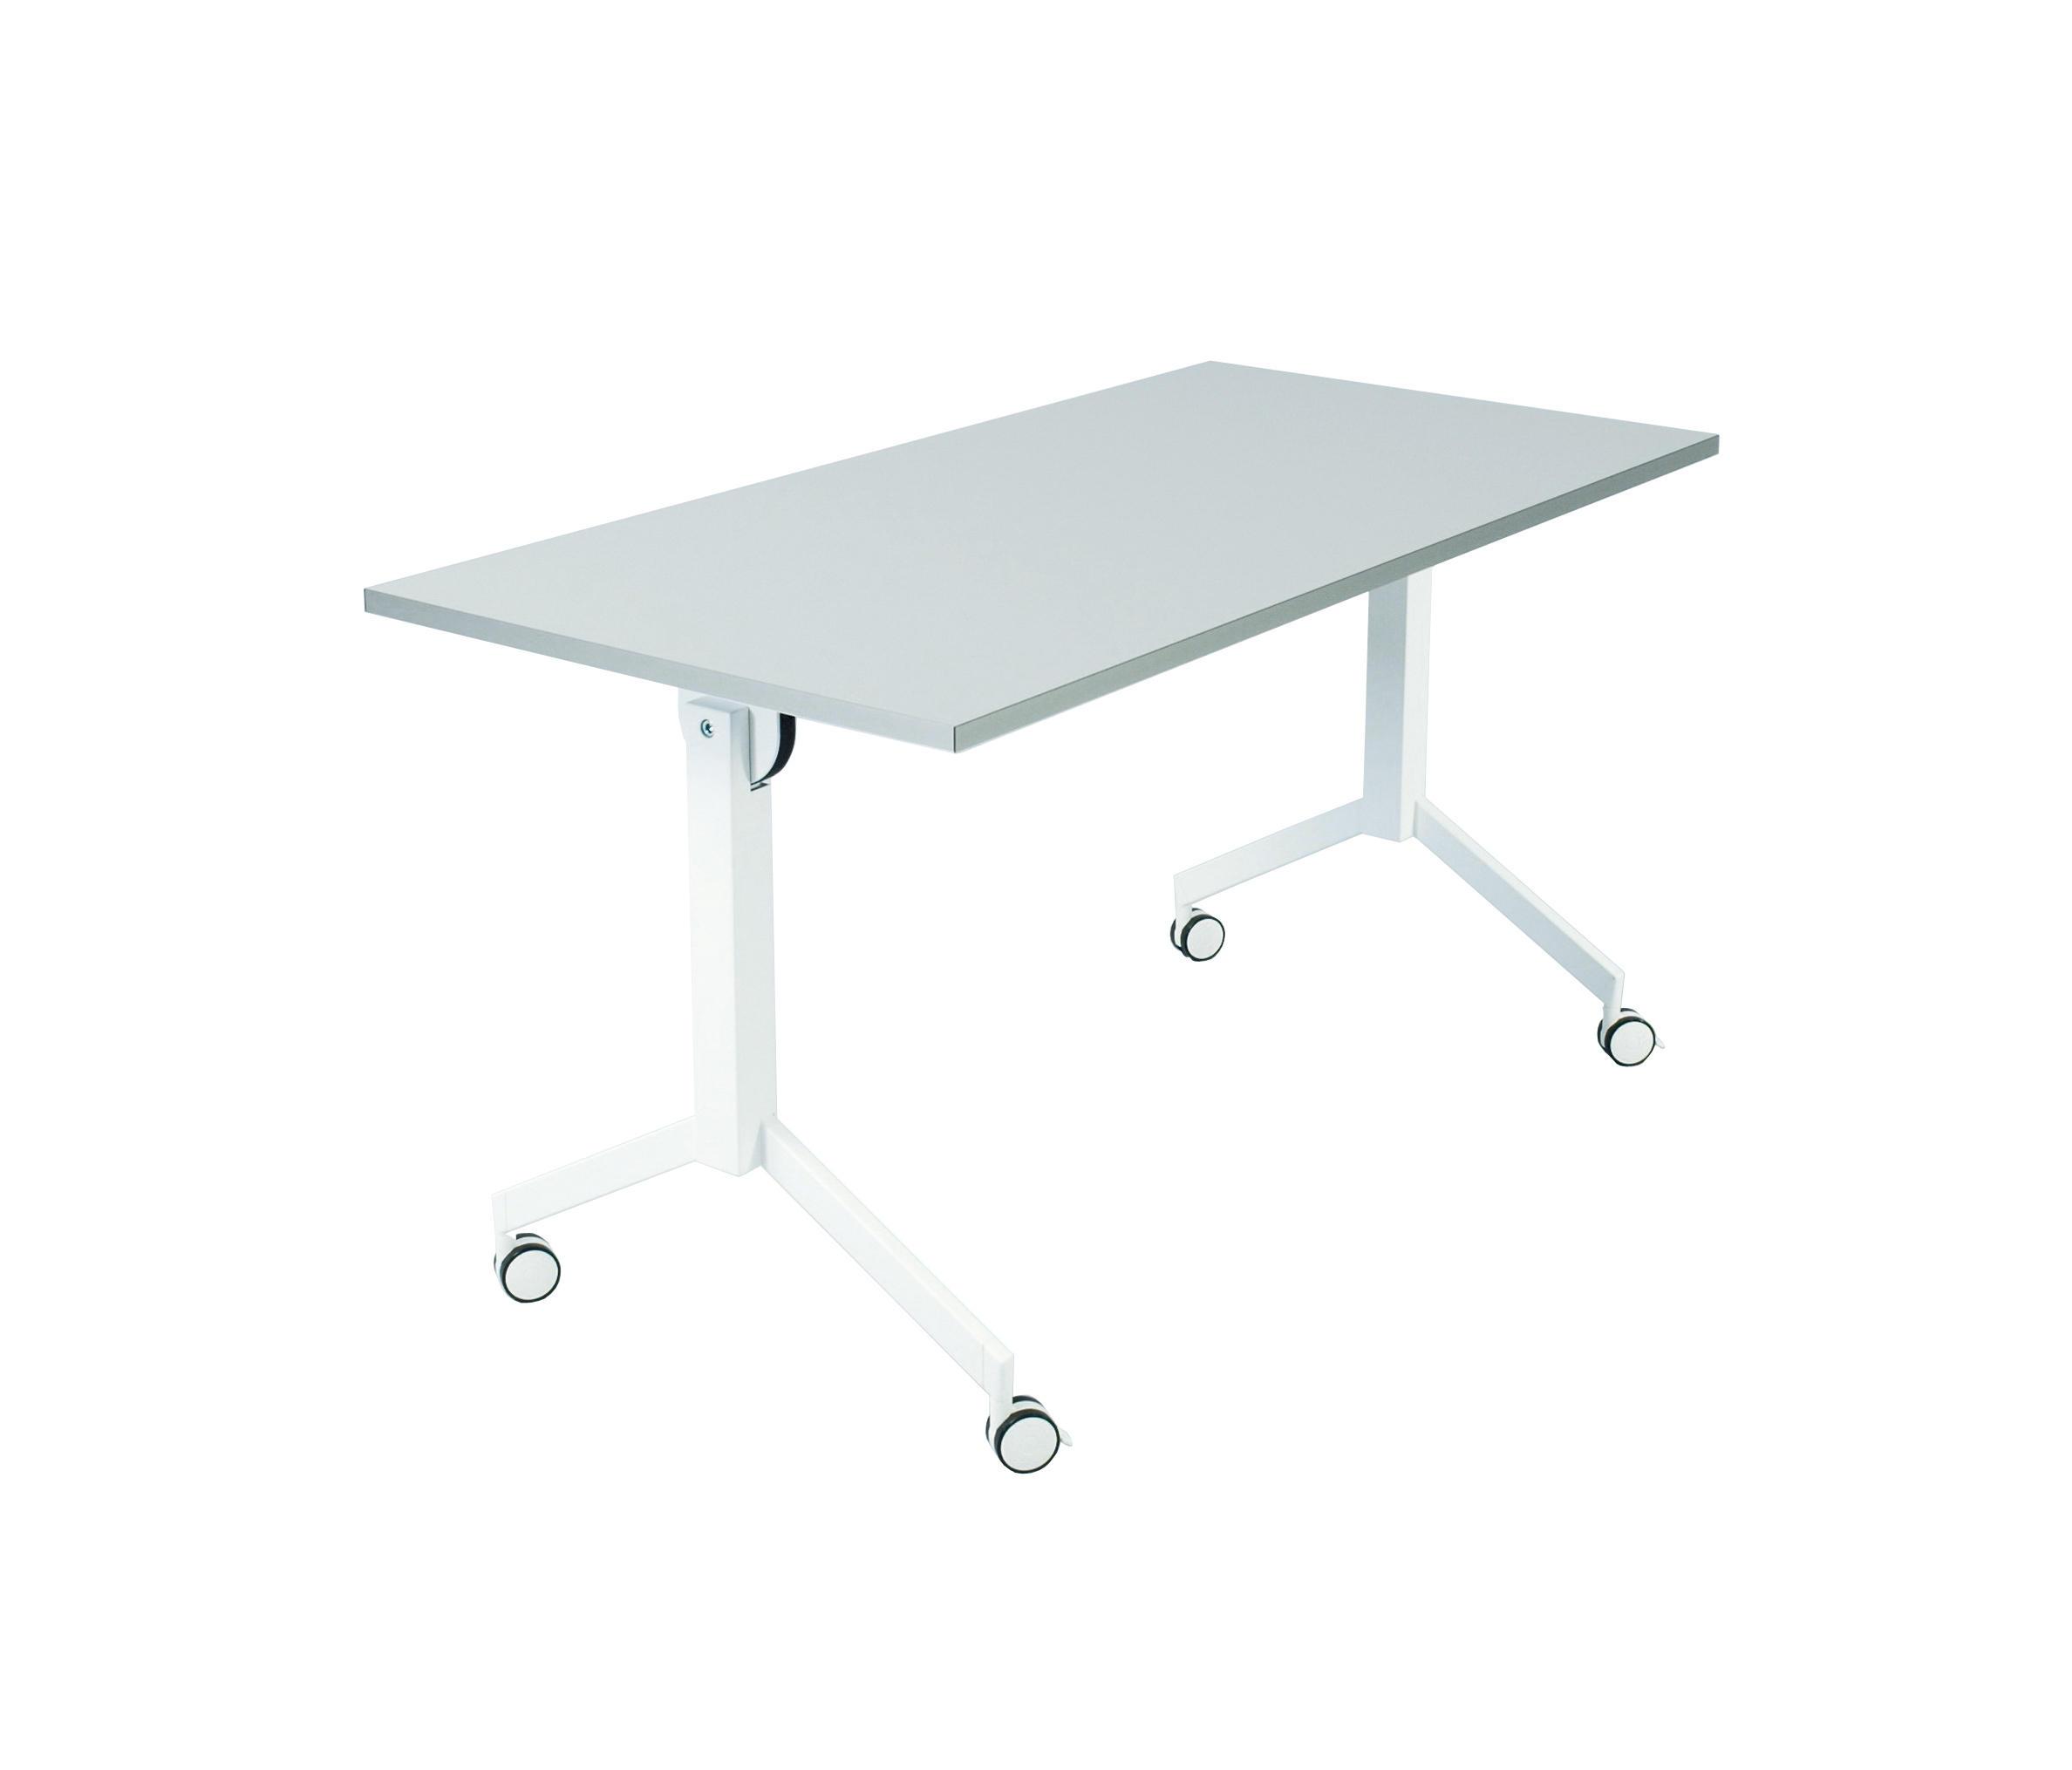 Sitagmove Tisch Objekttische Von Sitag Architonic